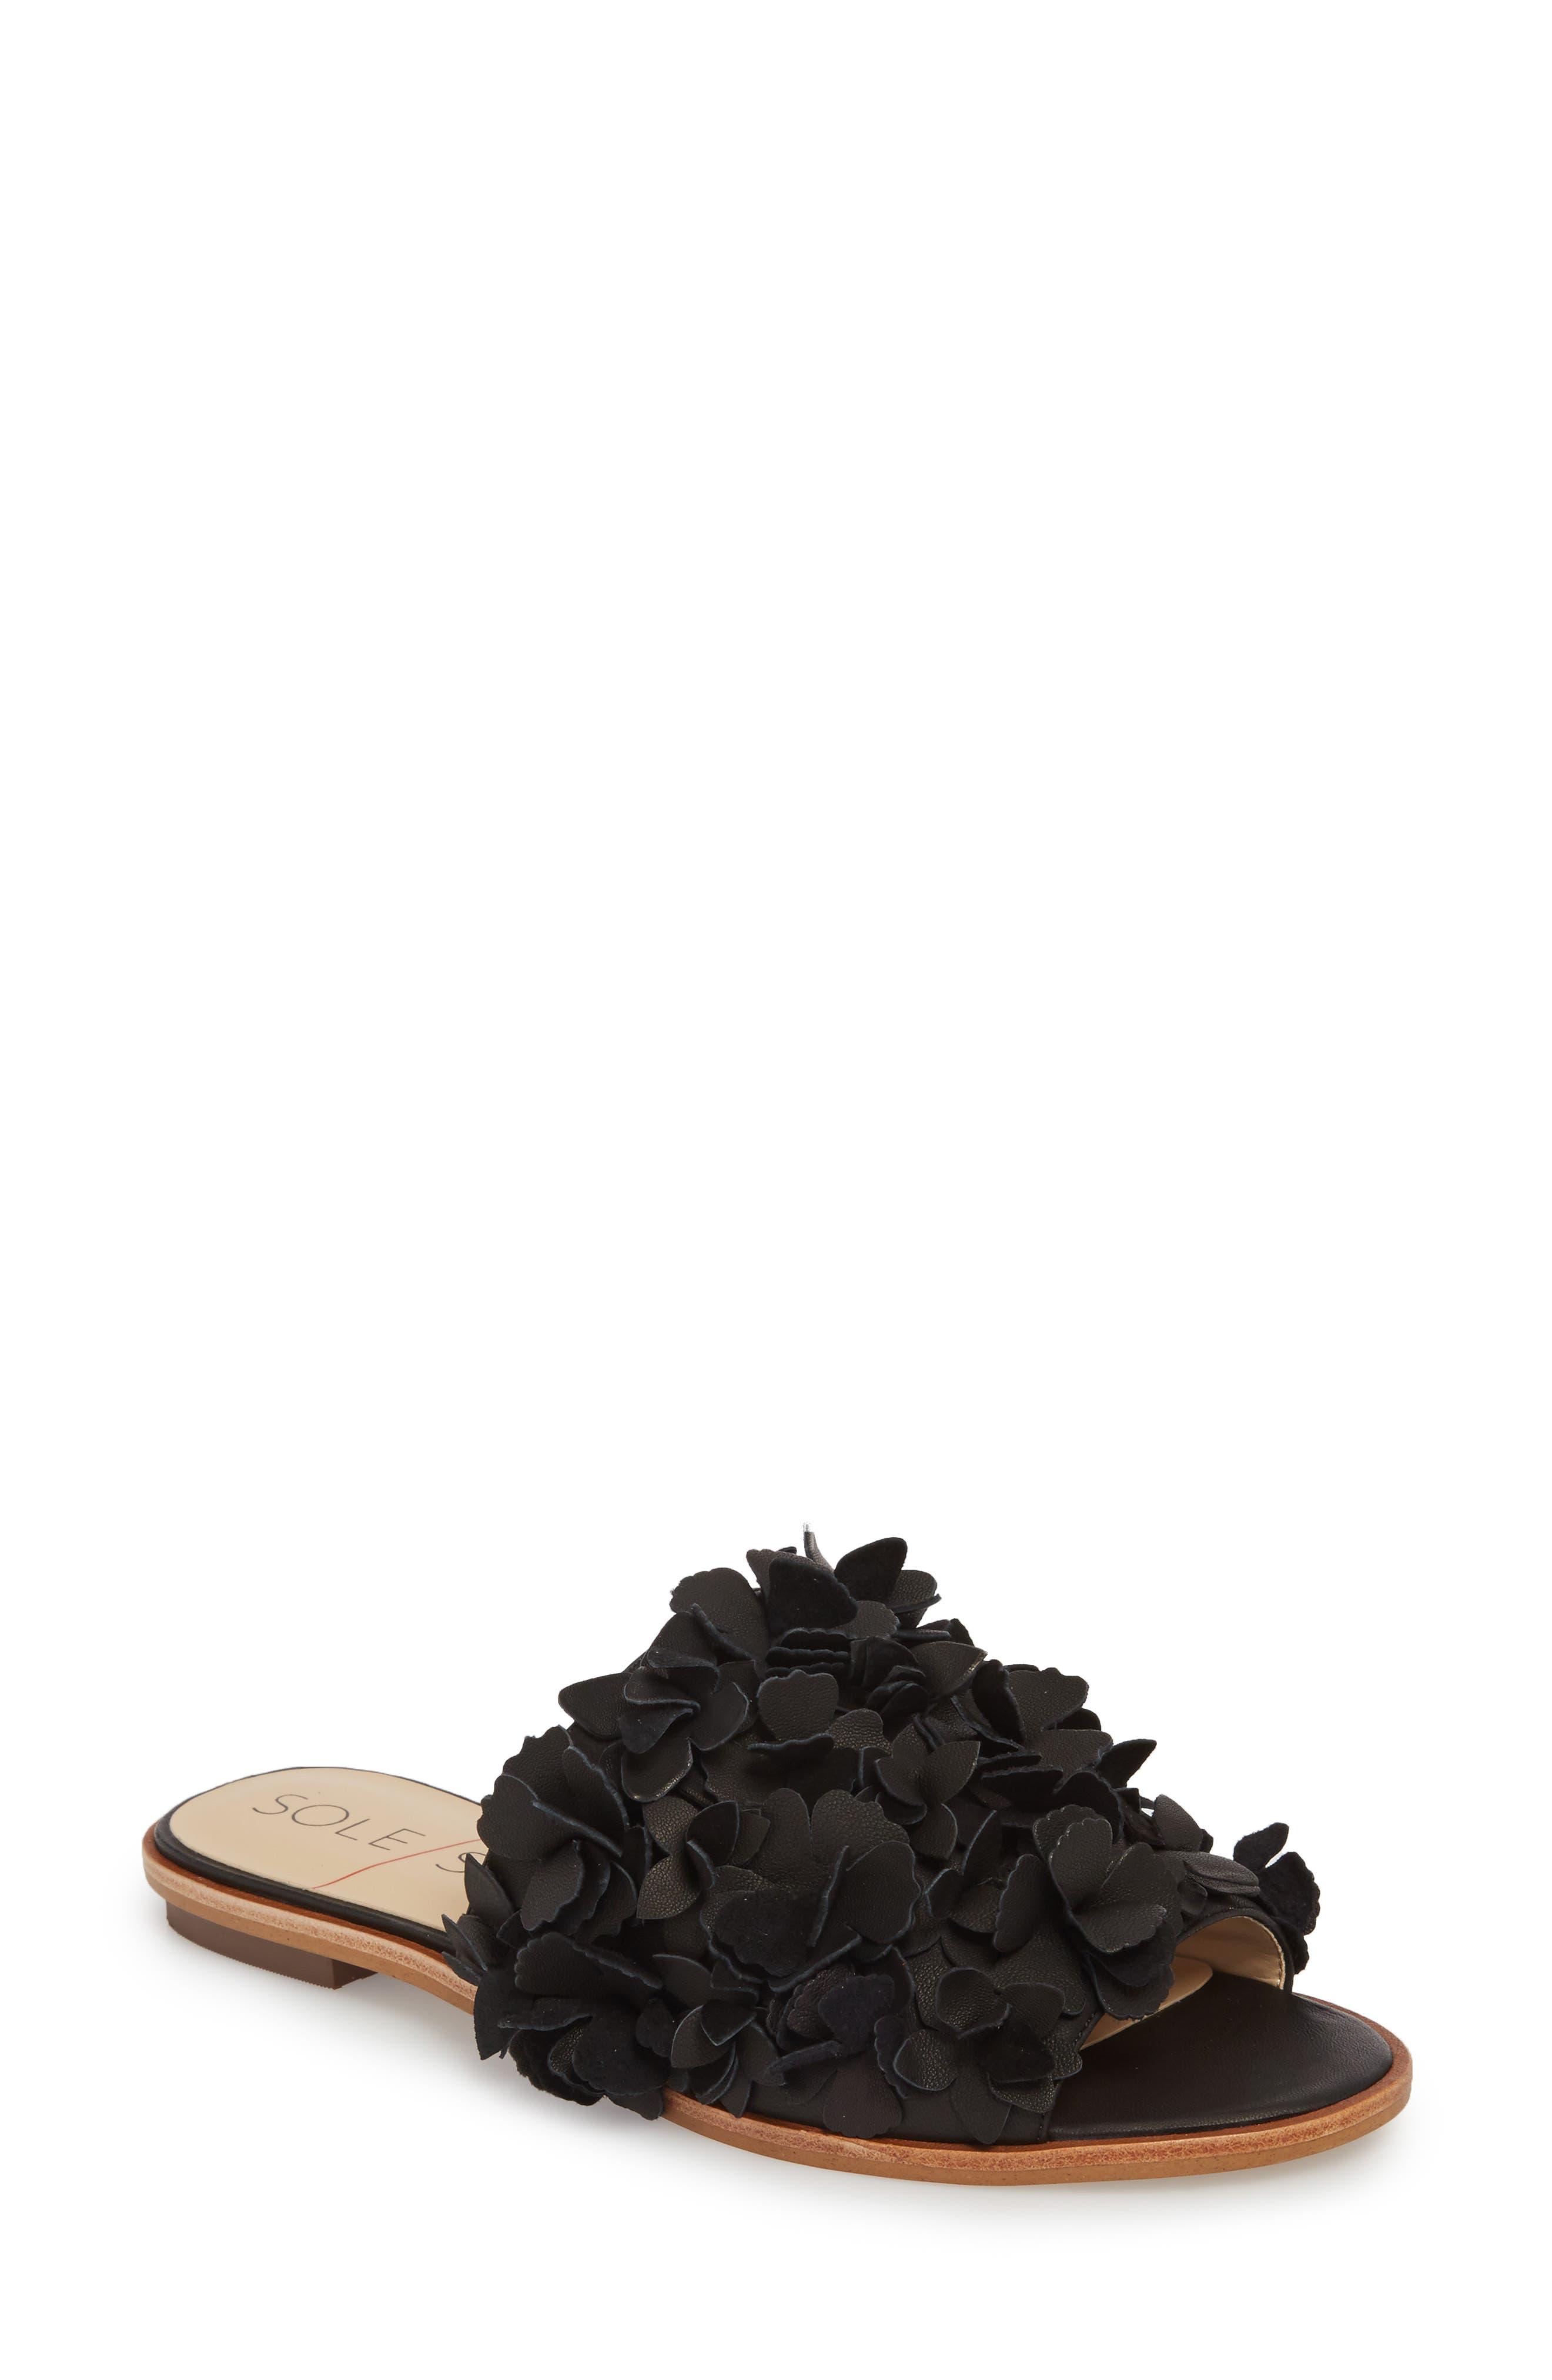 Caelyn Embellished Flat Sandal,                         Main,                         color, BLACK